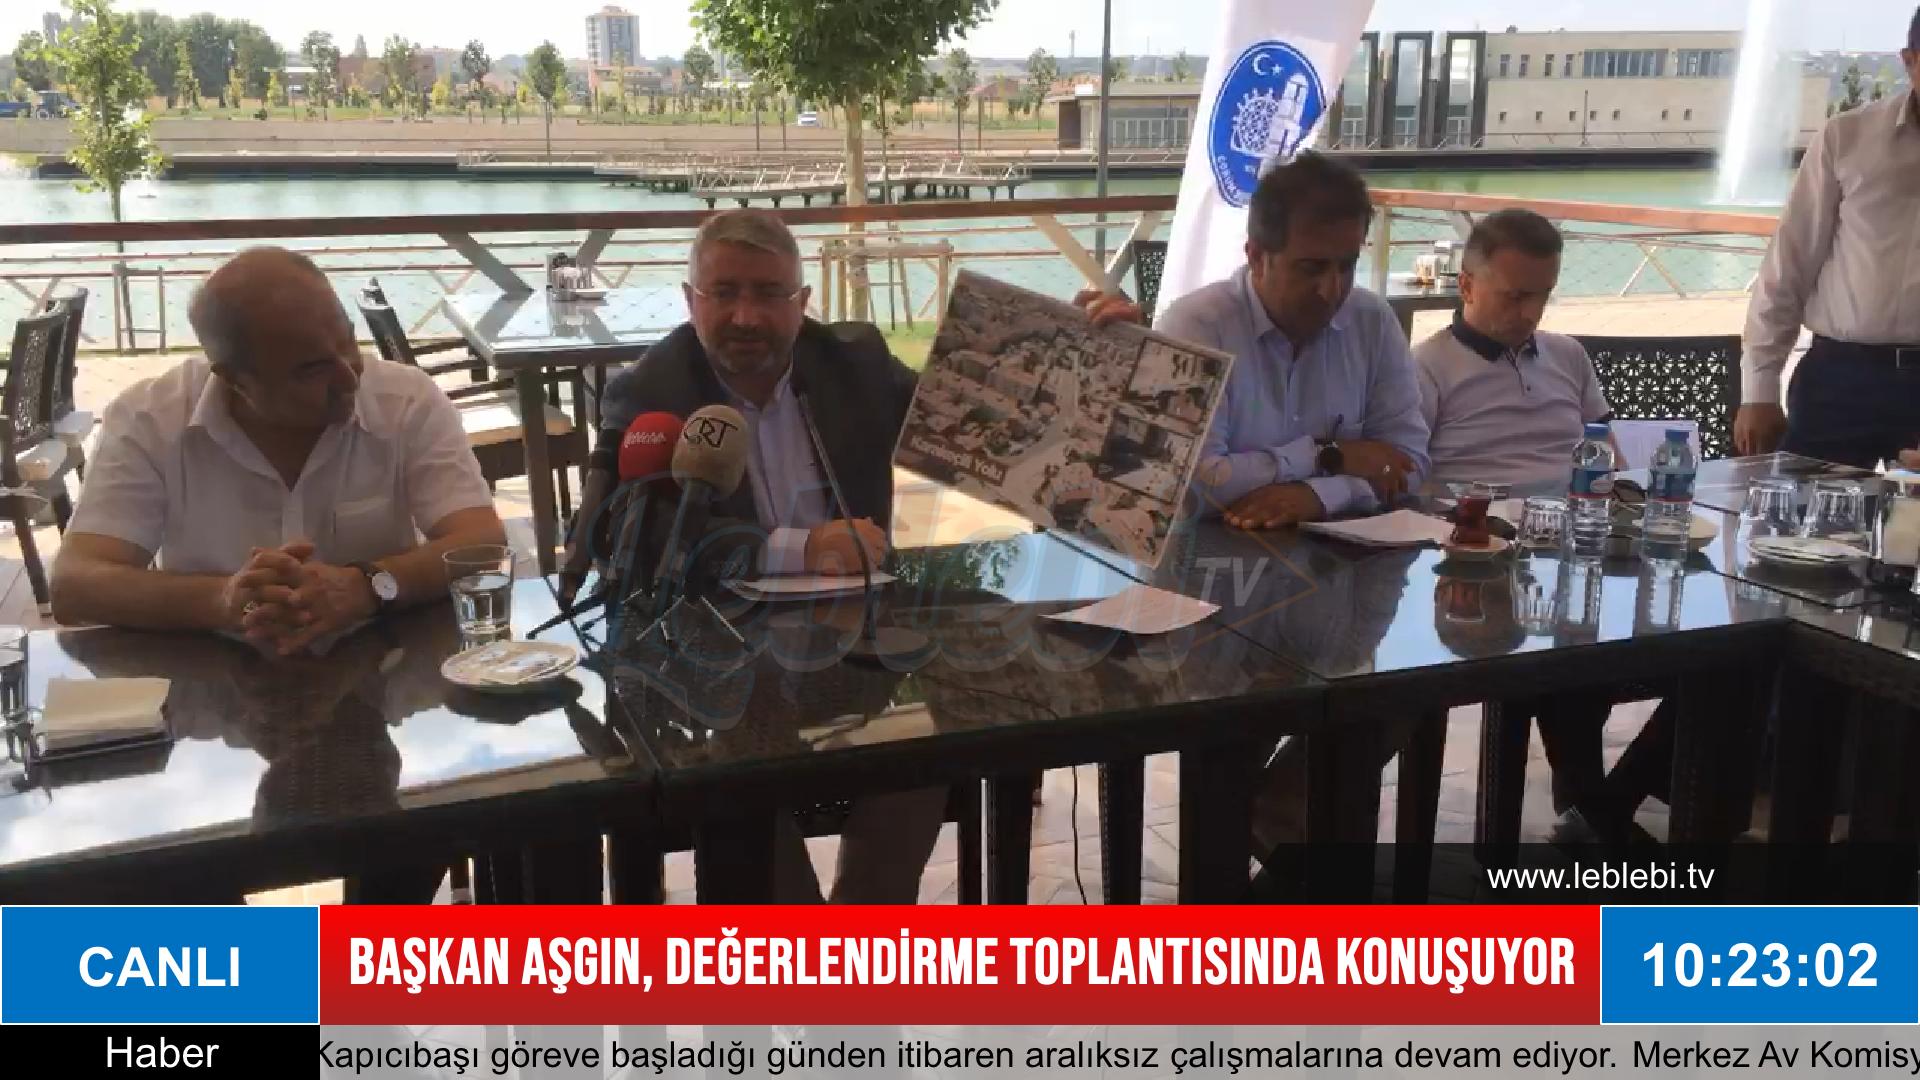 Belediye Başkanı Dr. Halil İbrahim Aşgın Değerlendirme Toplantısı